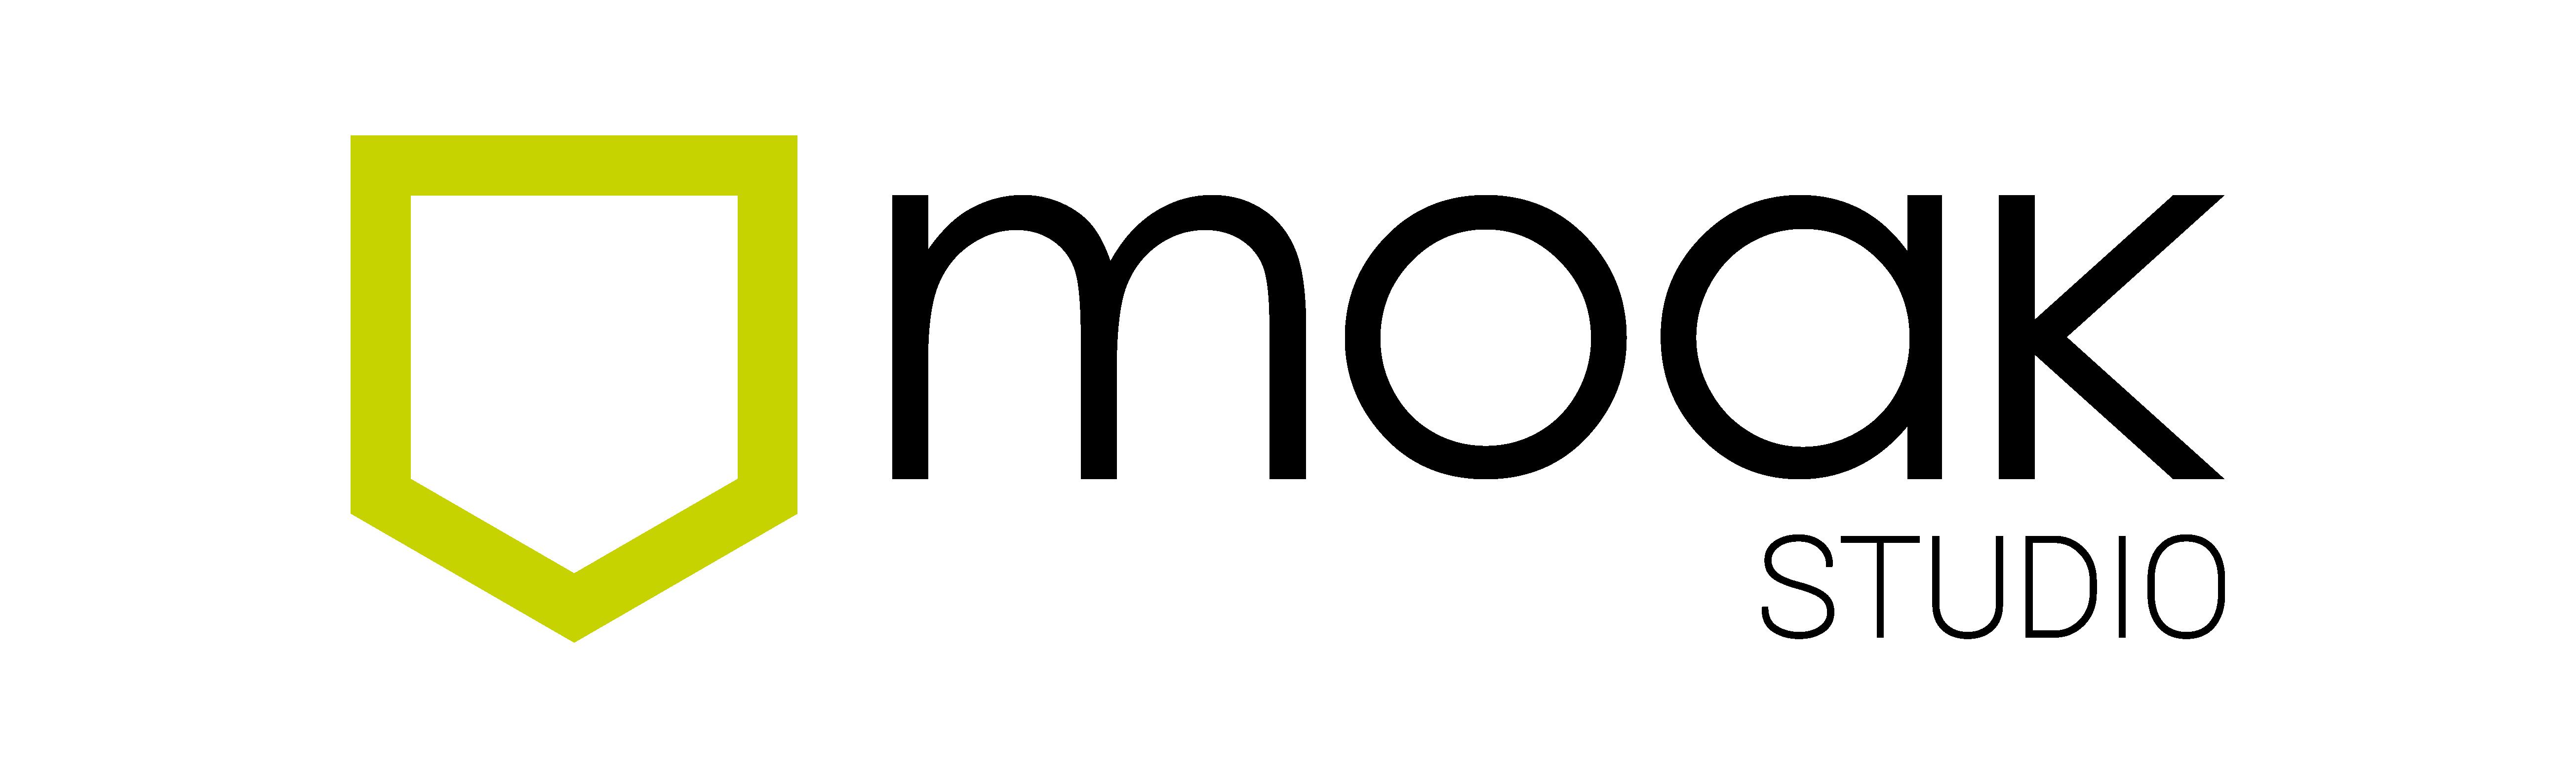 MOAK STUDIO